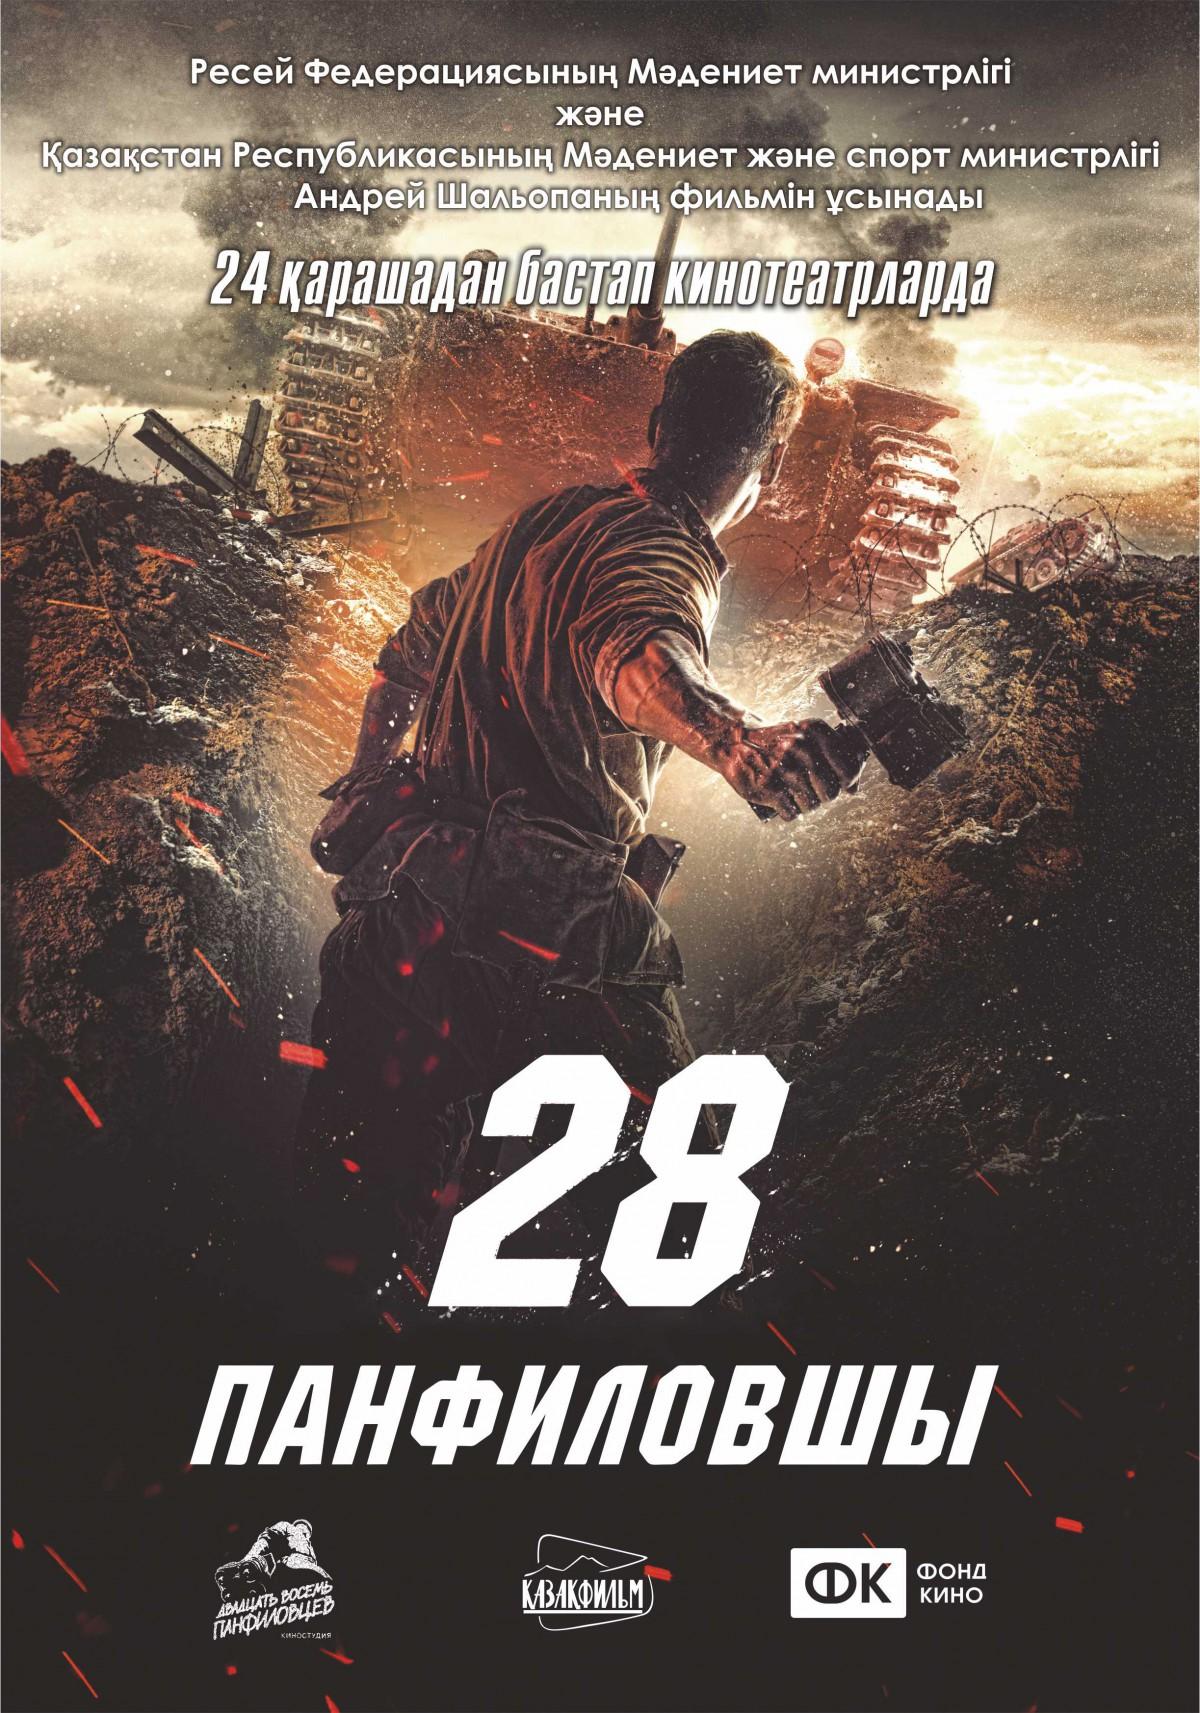 poster-kaz